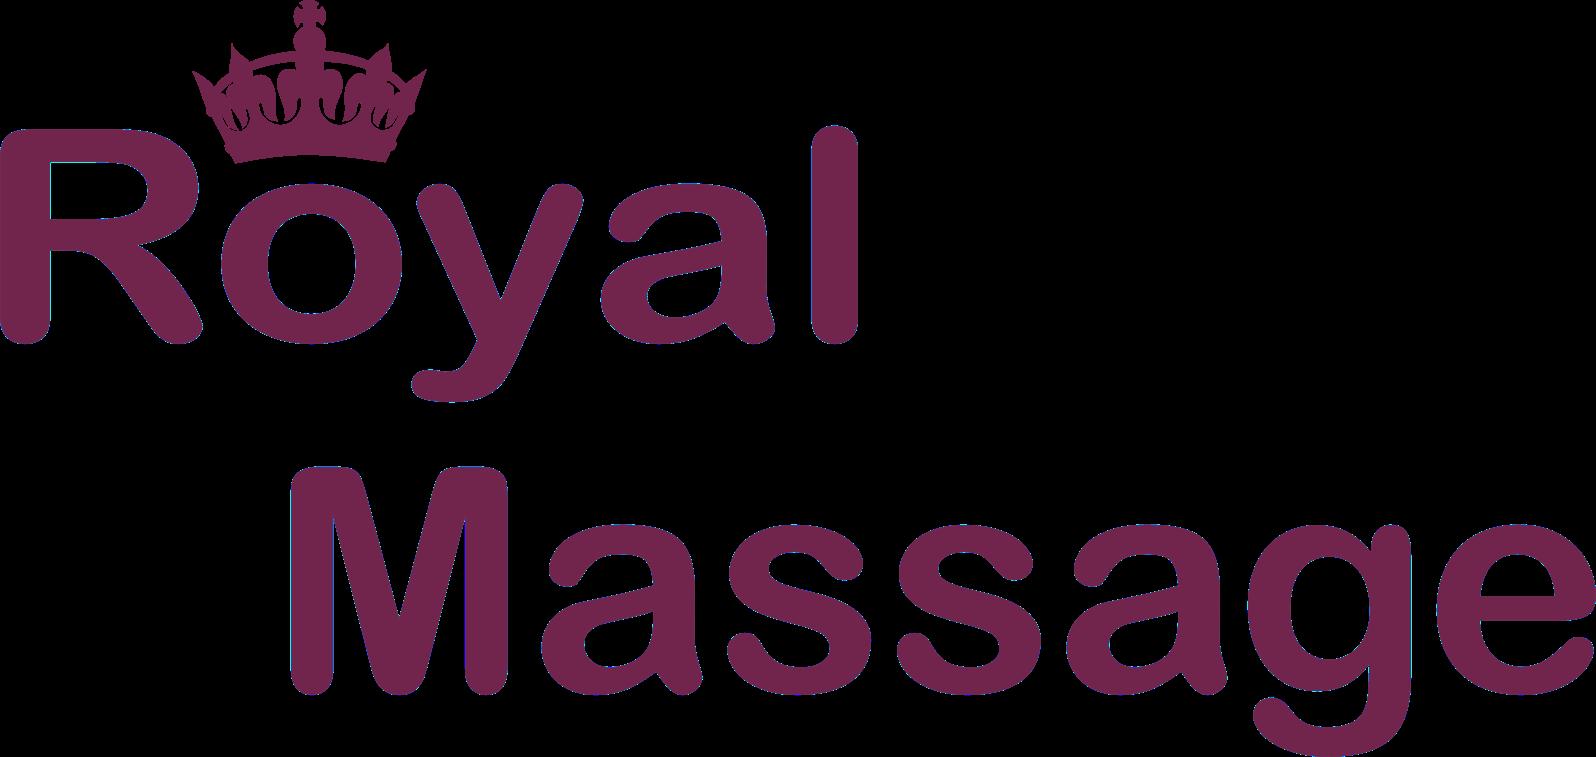 Royal Massage WebShop